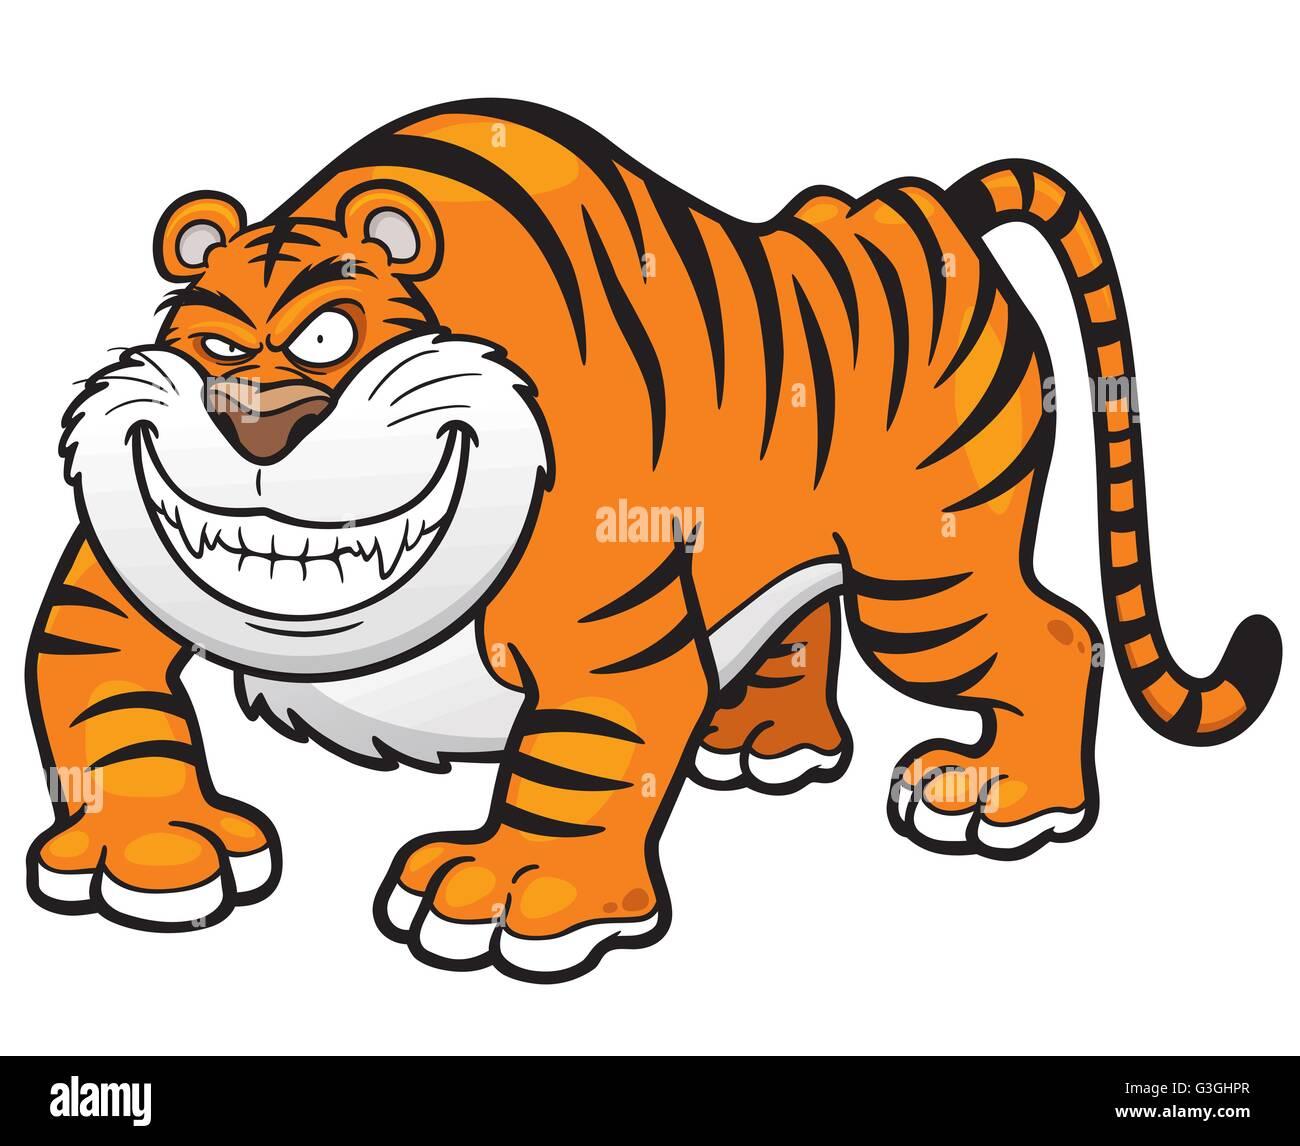 Vector illustration of Cartoon tiger - Stock Vector